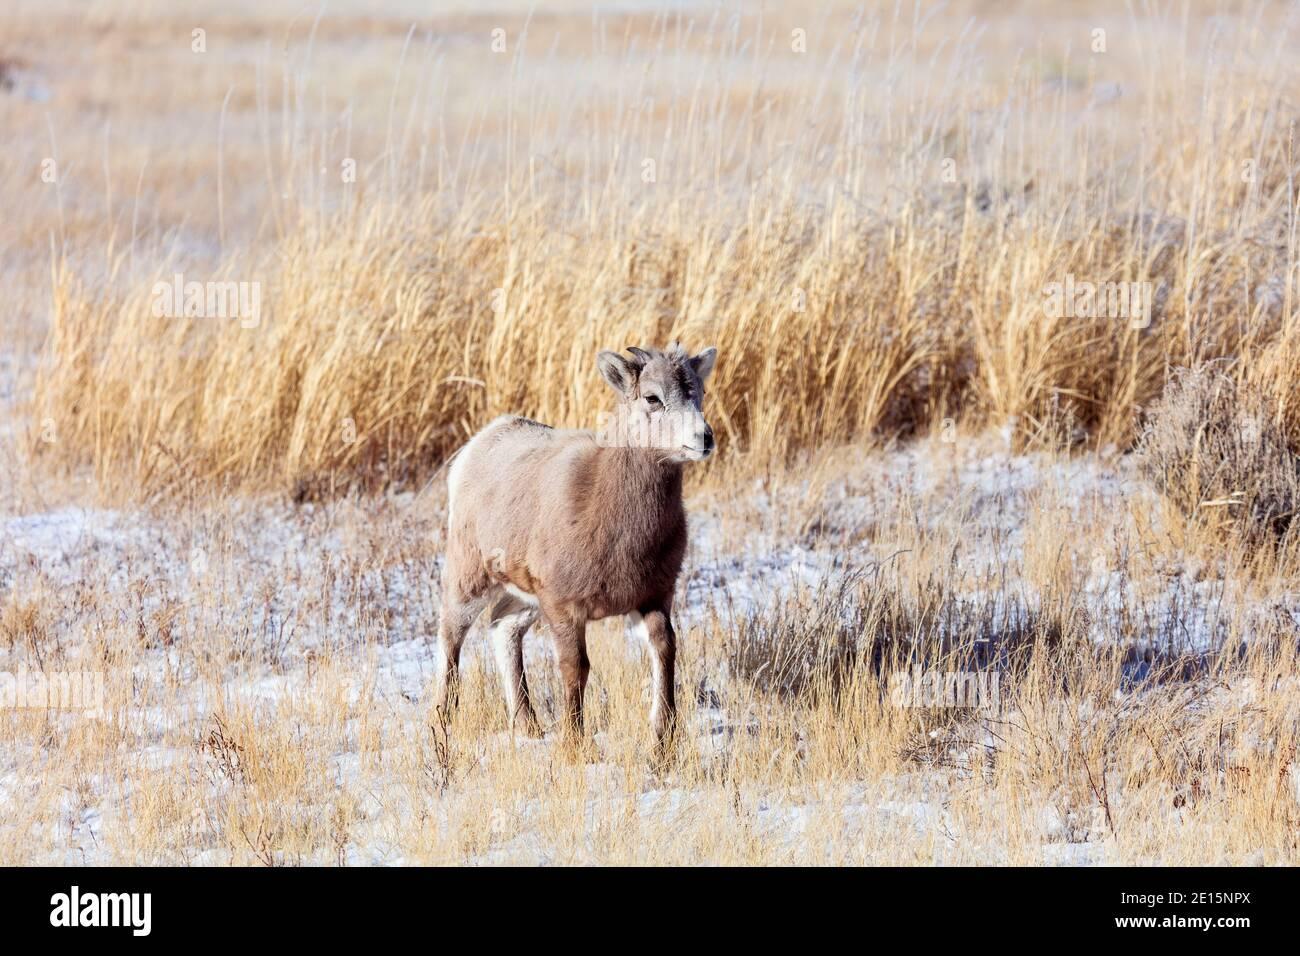 Agneau de mouflon de Bighorn dans la réserve nationale d'élans à Jackson, Wyoming Banque D'Images